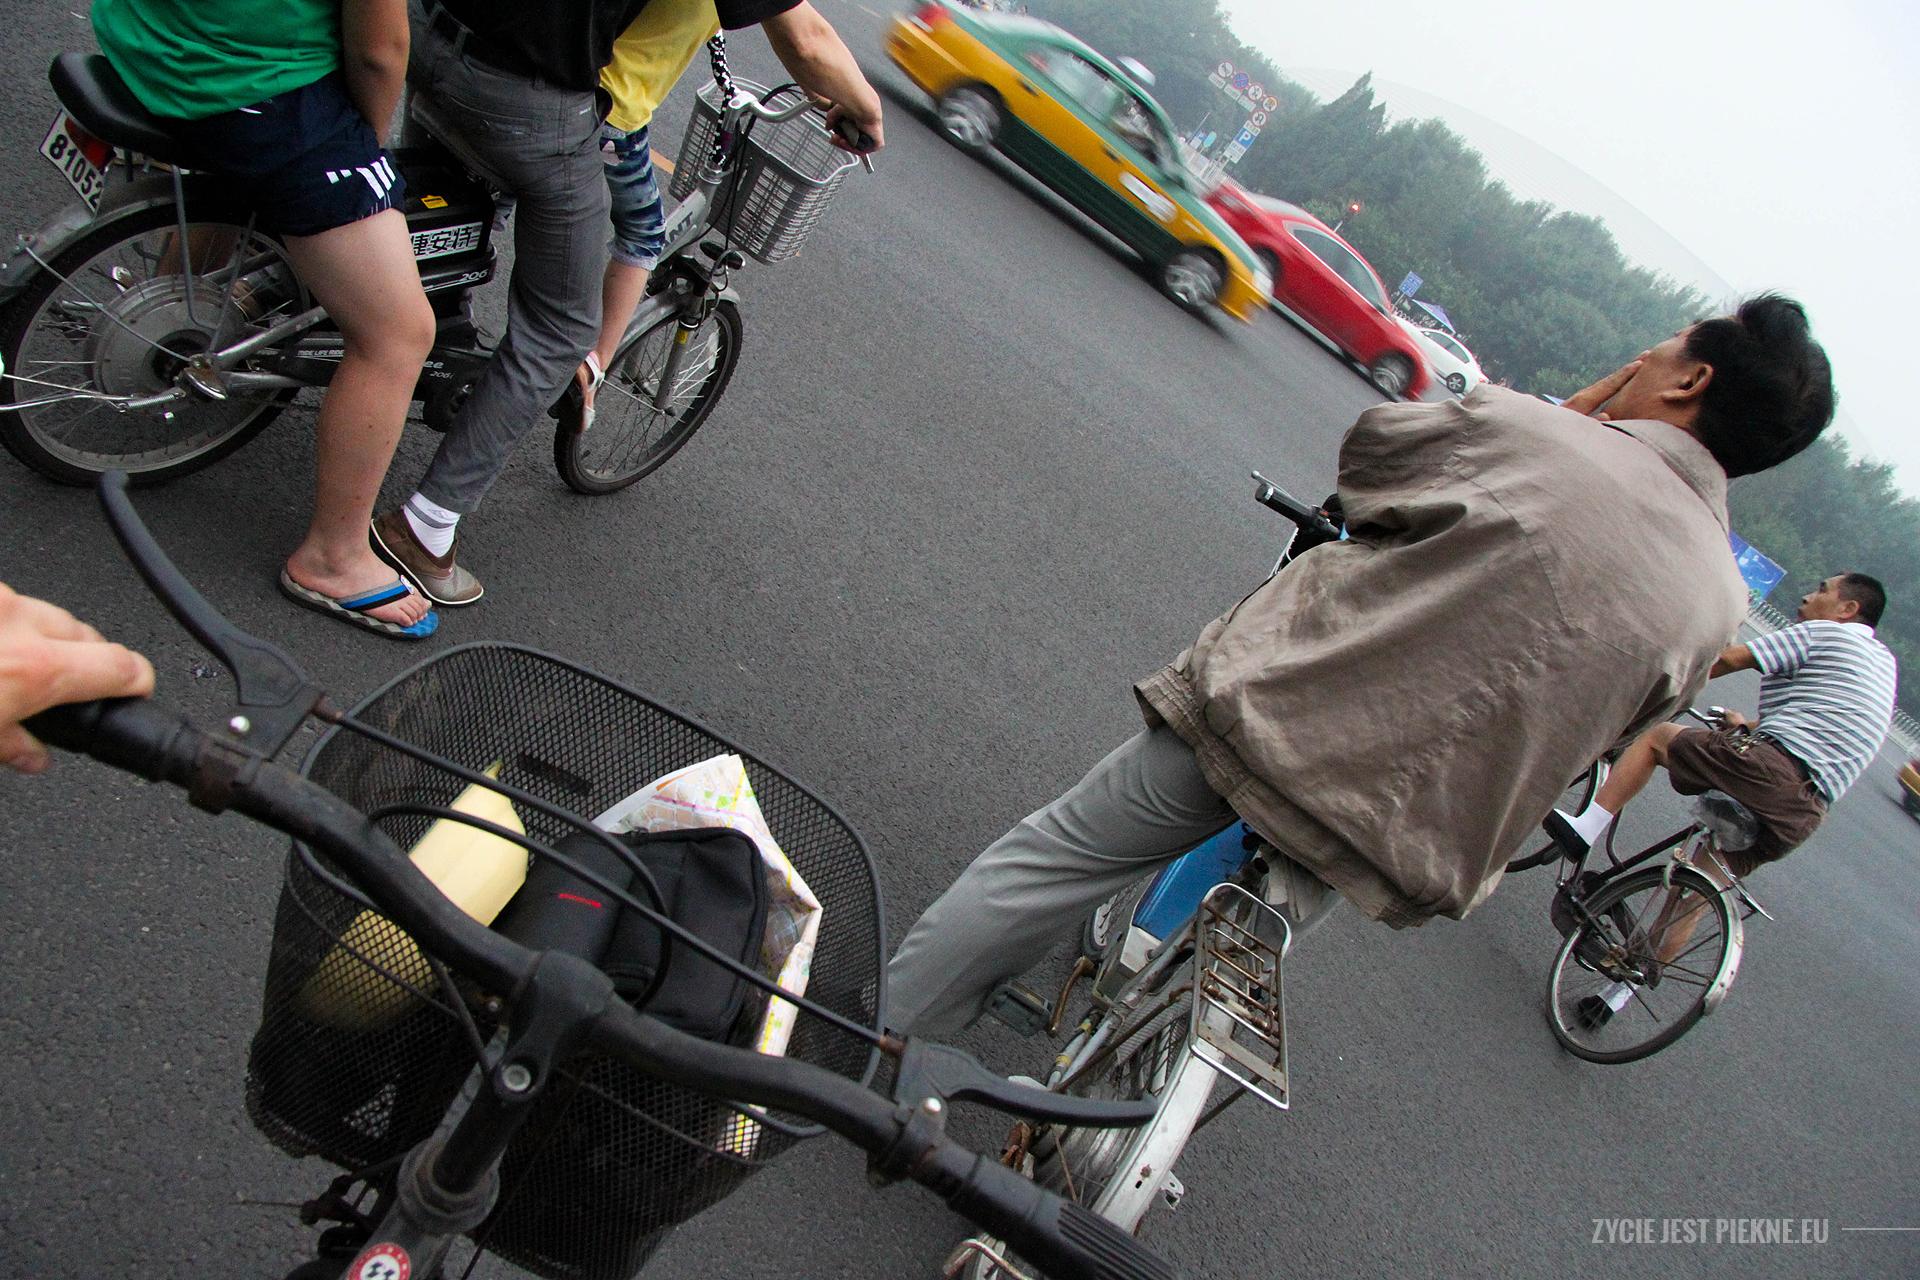 Sposób napekińskie łamigówki - rower. Pożyczony odpoznanego whostelu Kanadyjczyka